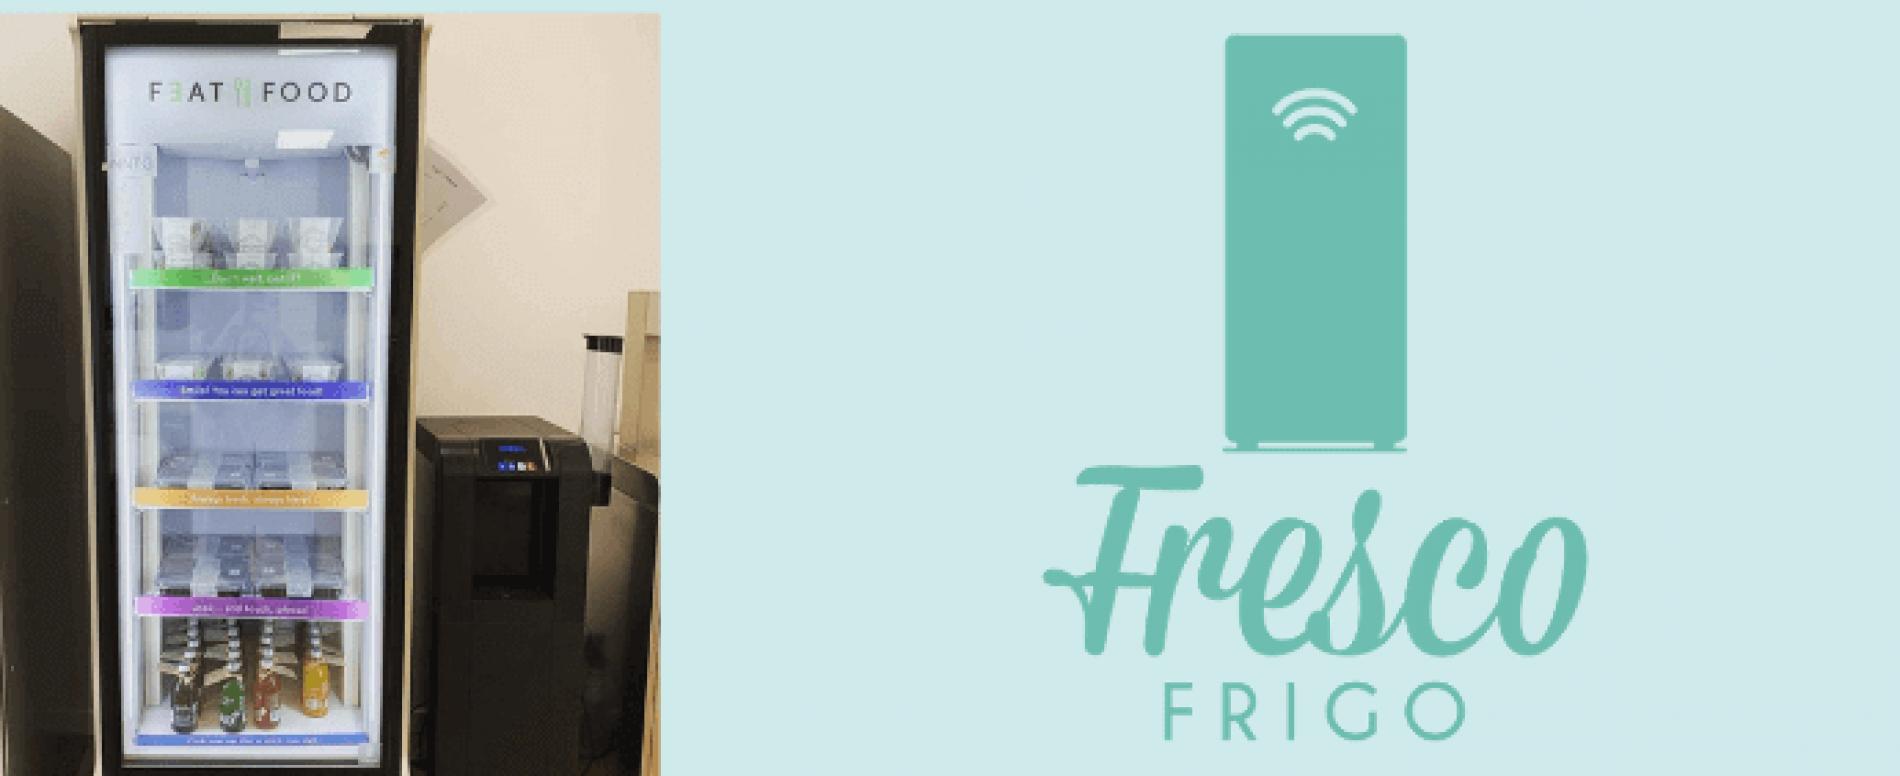 Ottimi risultati in pochi mesi per la startup FrescoFrigo